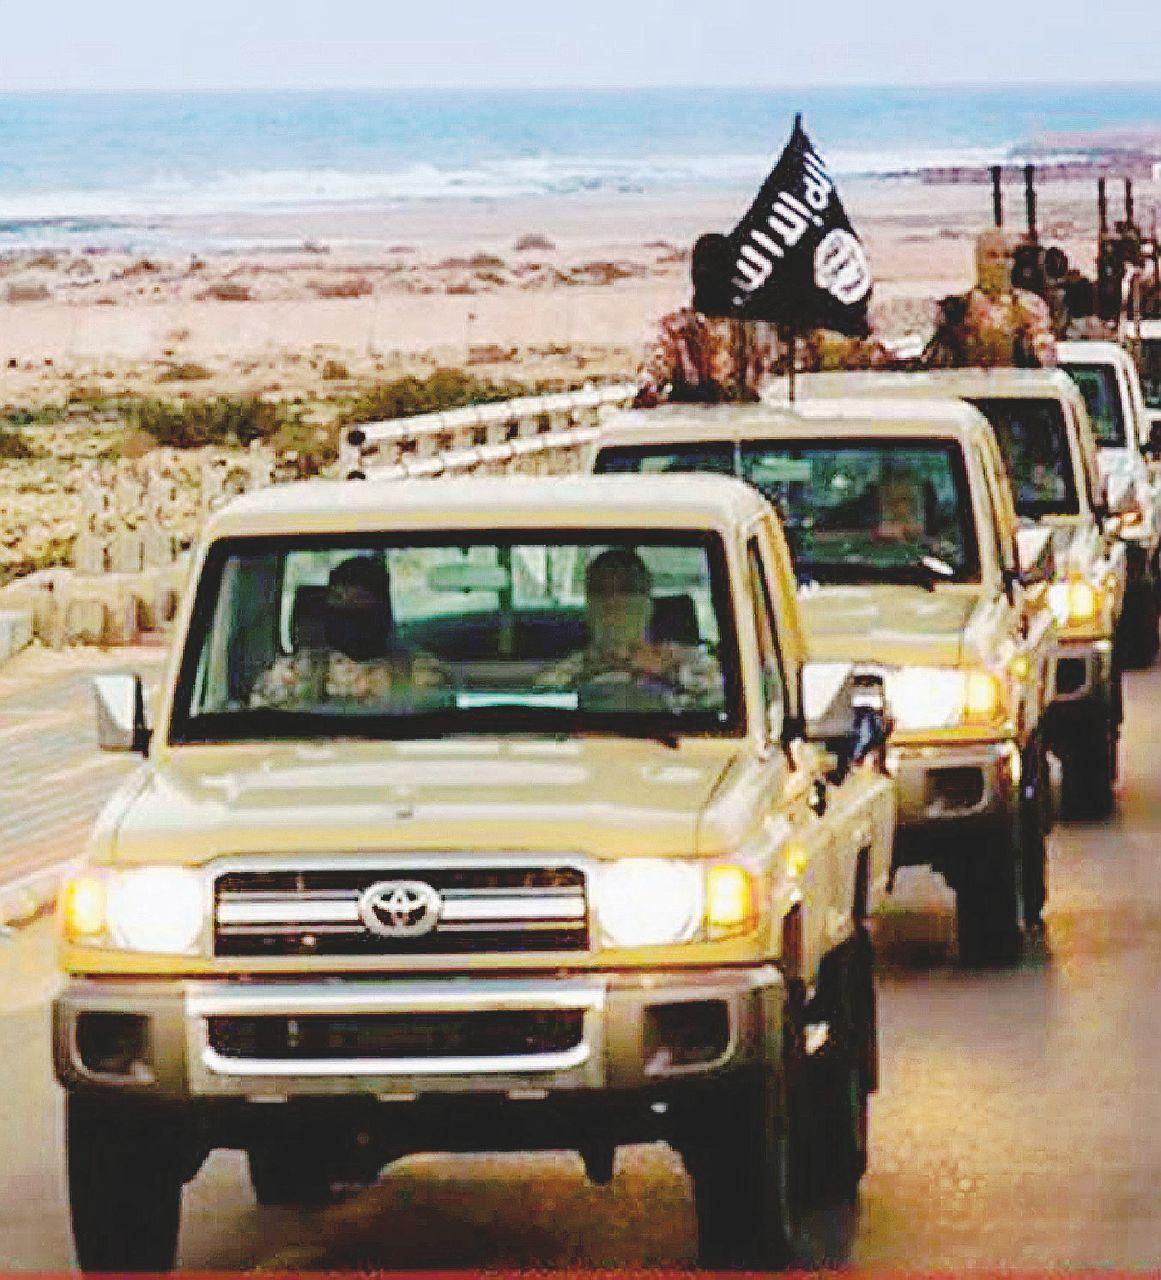 Sul fronte di Misurata è già iniziata la guerra libica